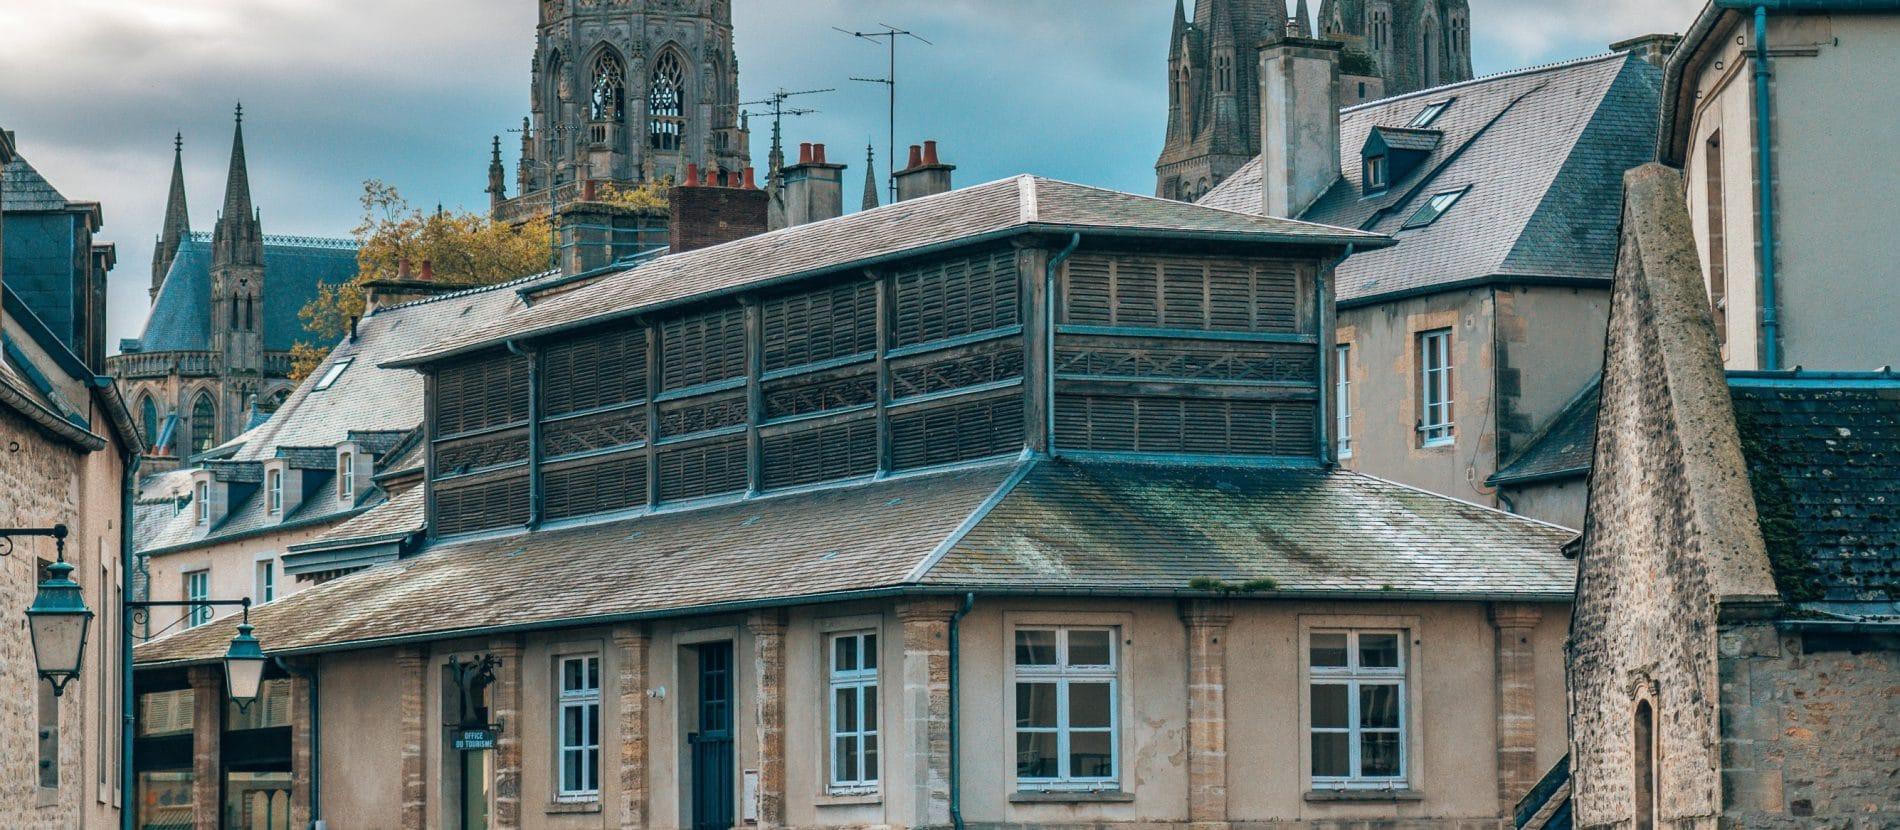 Rues de Bayeux et sa cathédrale